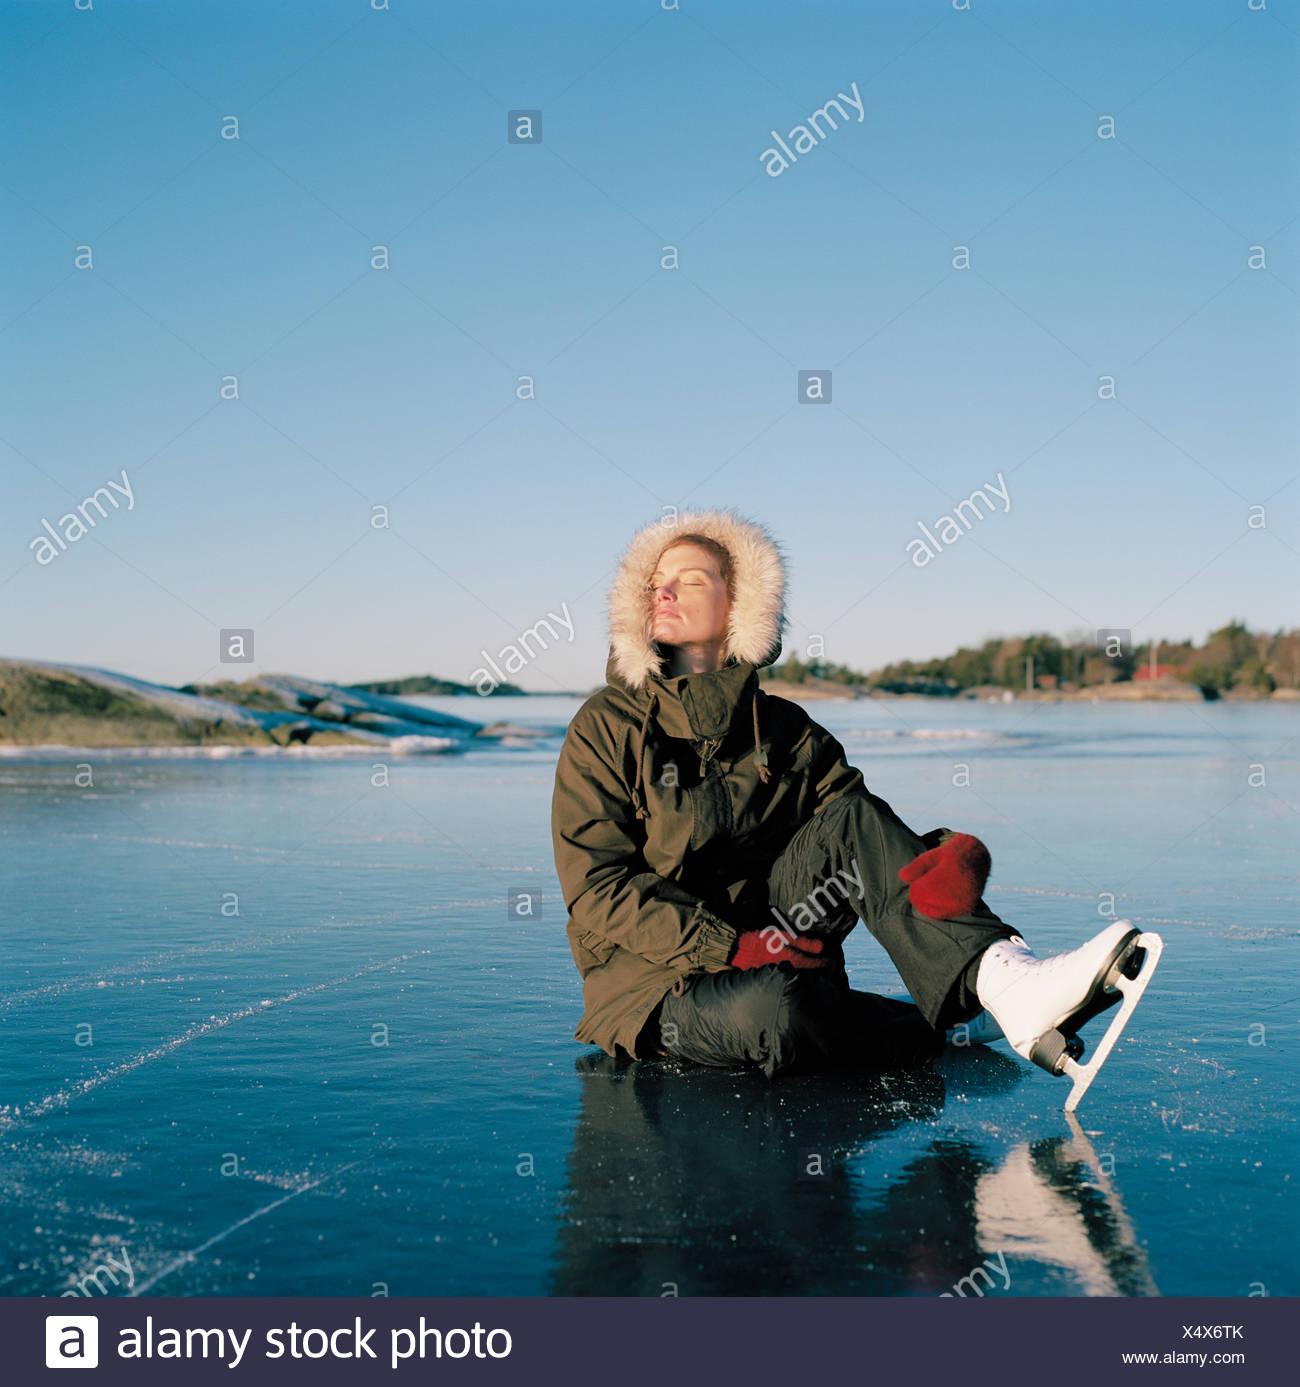 La Svezia, Uppland, Varmdo, Bjorno, metà donna adulta seduta sul lago ghiacciato Immagini Stock